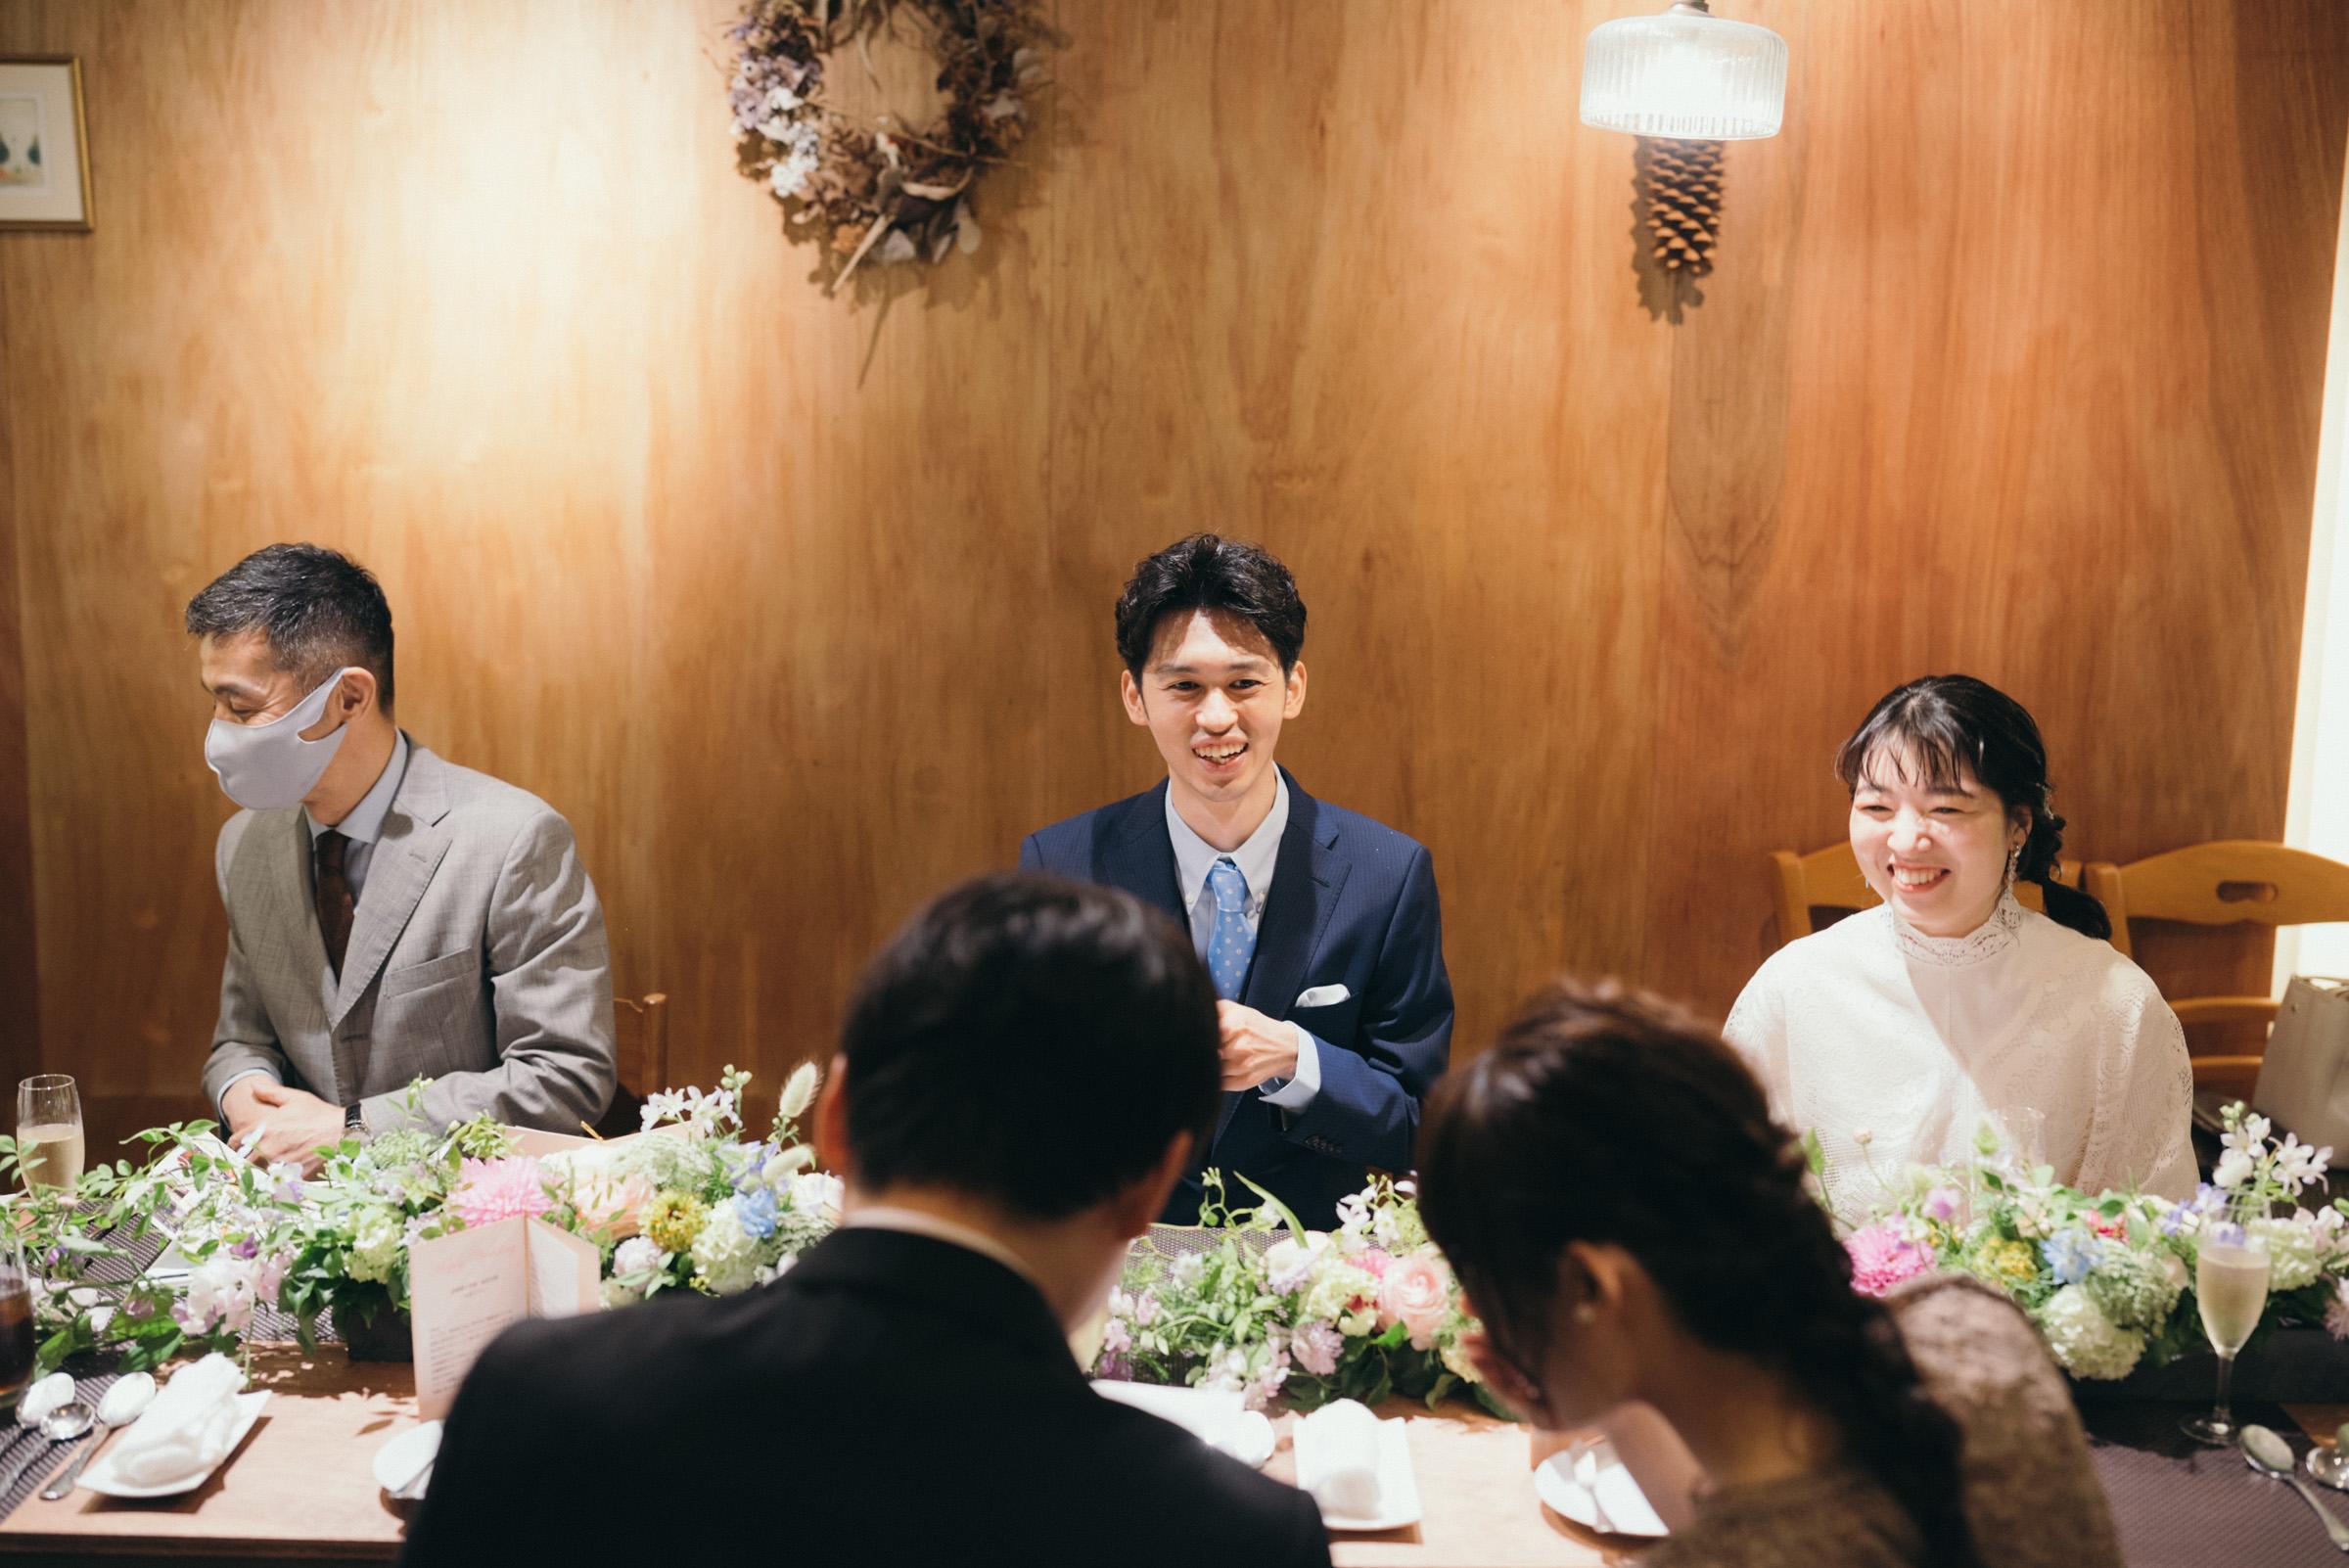 レストランで少人数家族婚